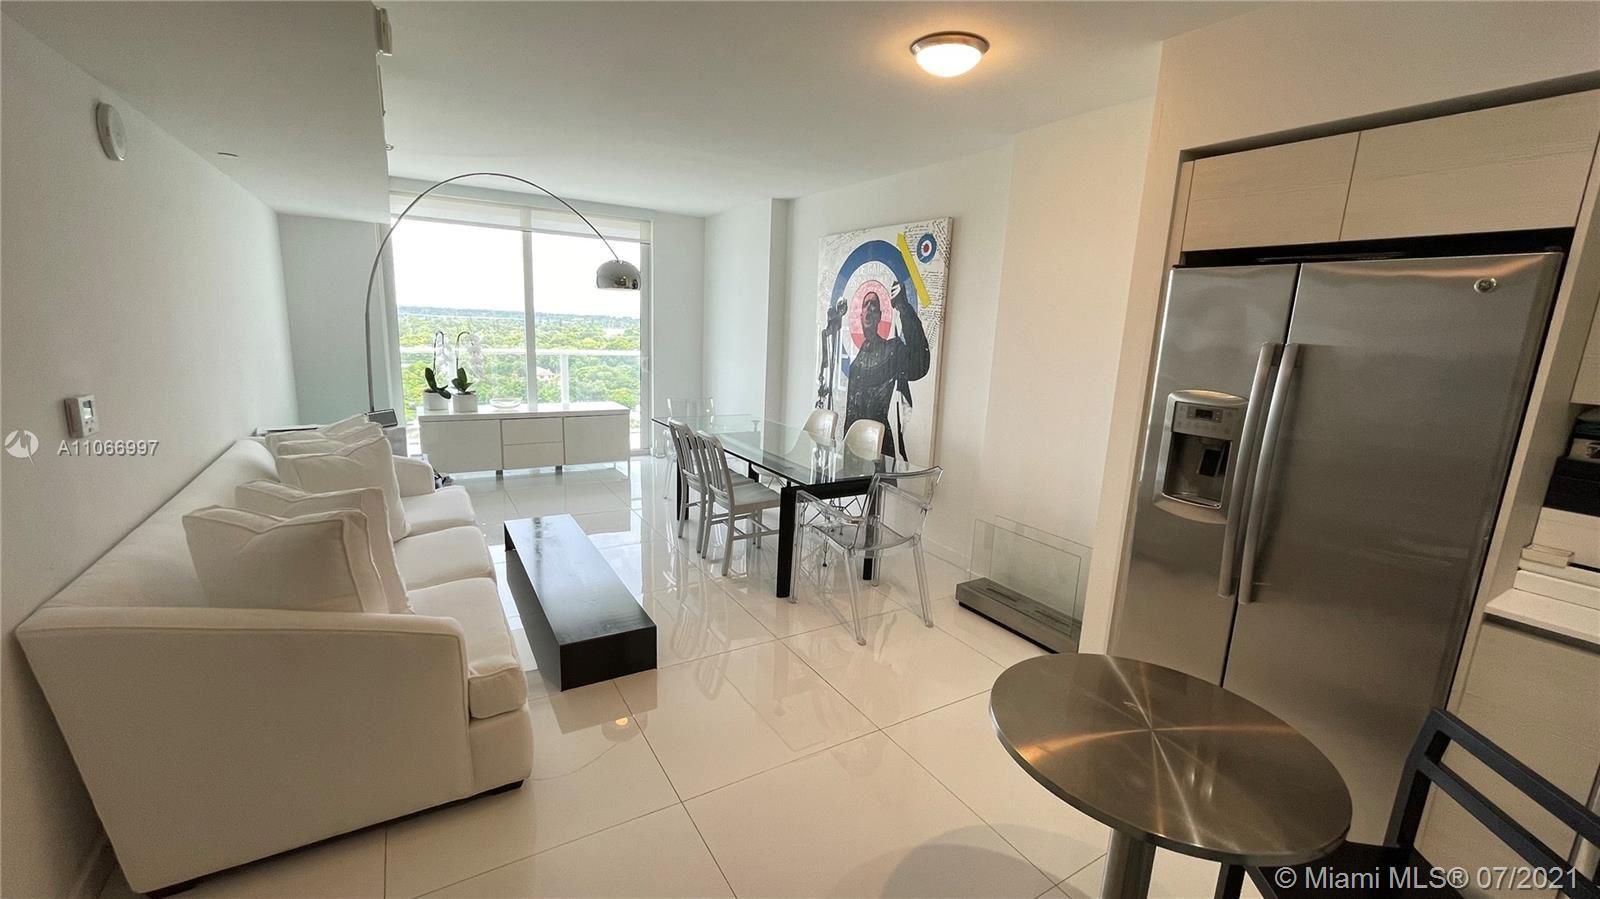 4250 Biscayne Blvd #1515, Miami, FL 33137 - #: A11066997